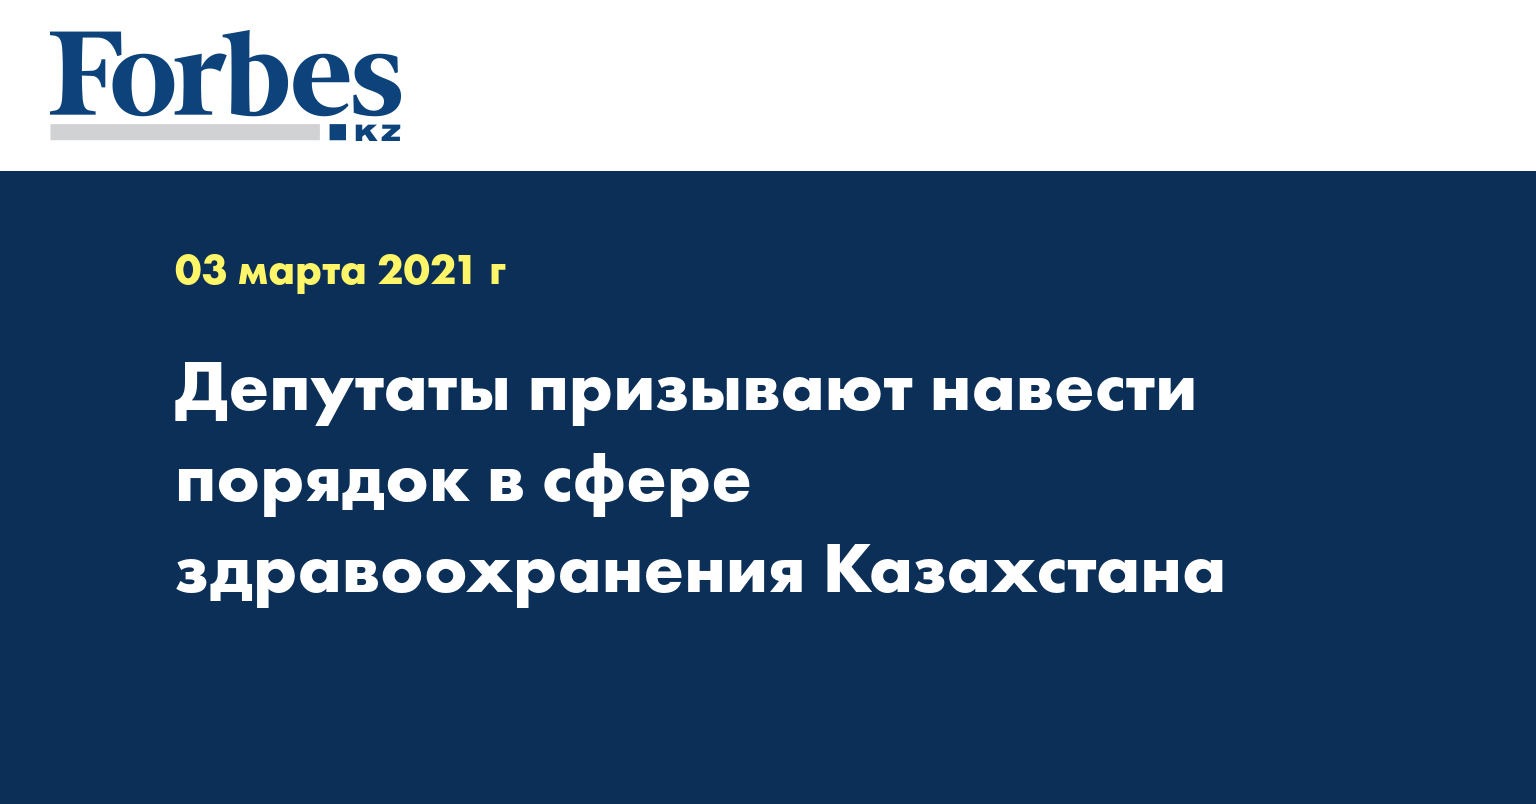 Депутаты призывают навести порядок в сфере здравоохранения Казахстана